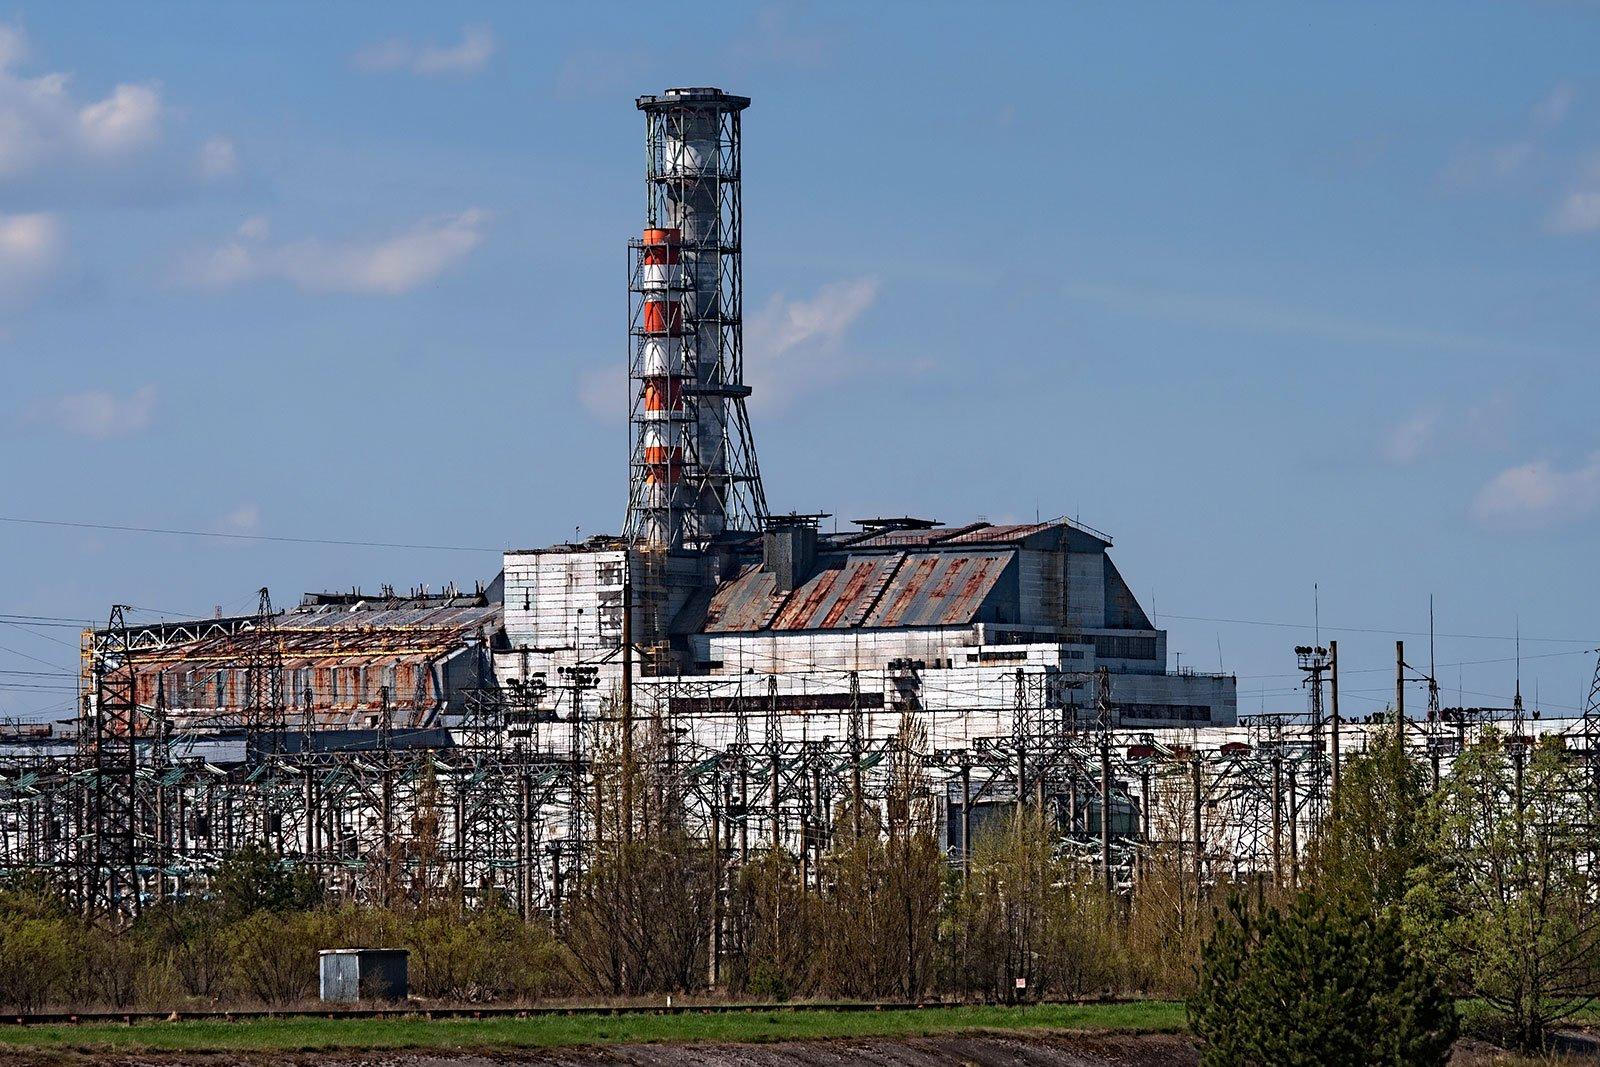 chernobyl - photo #14